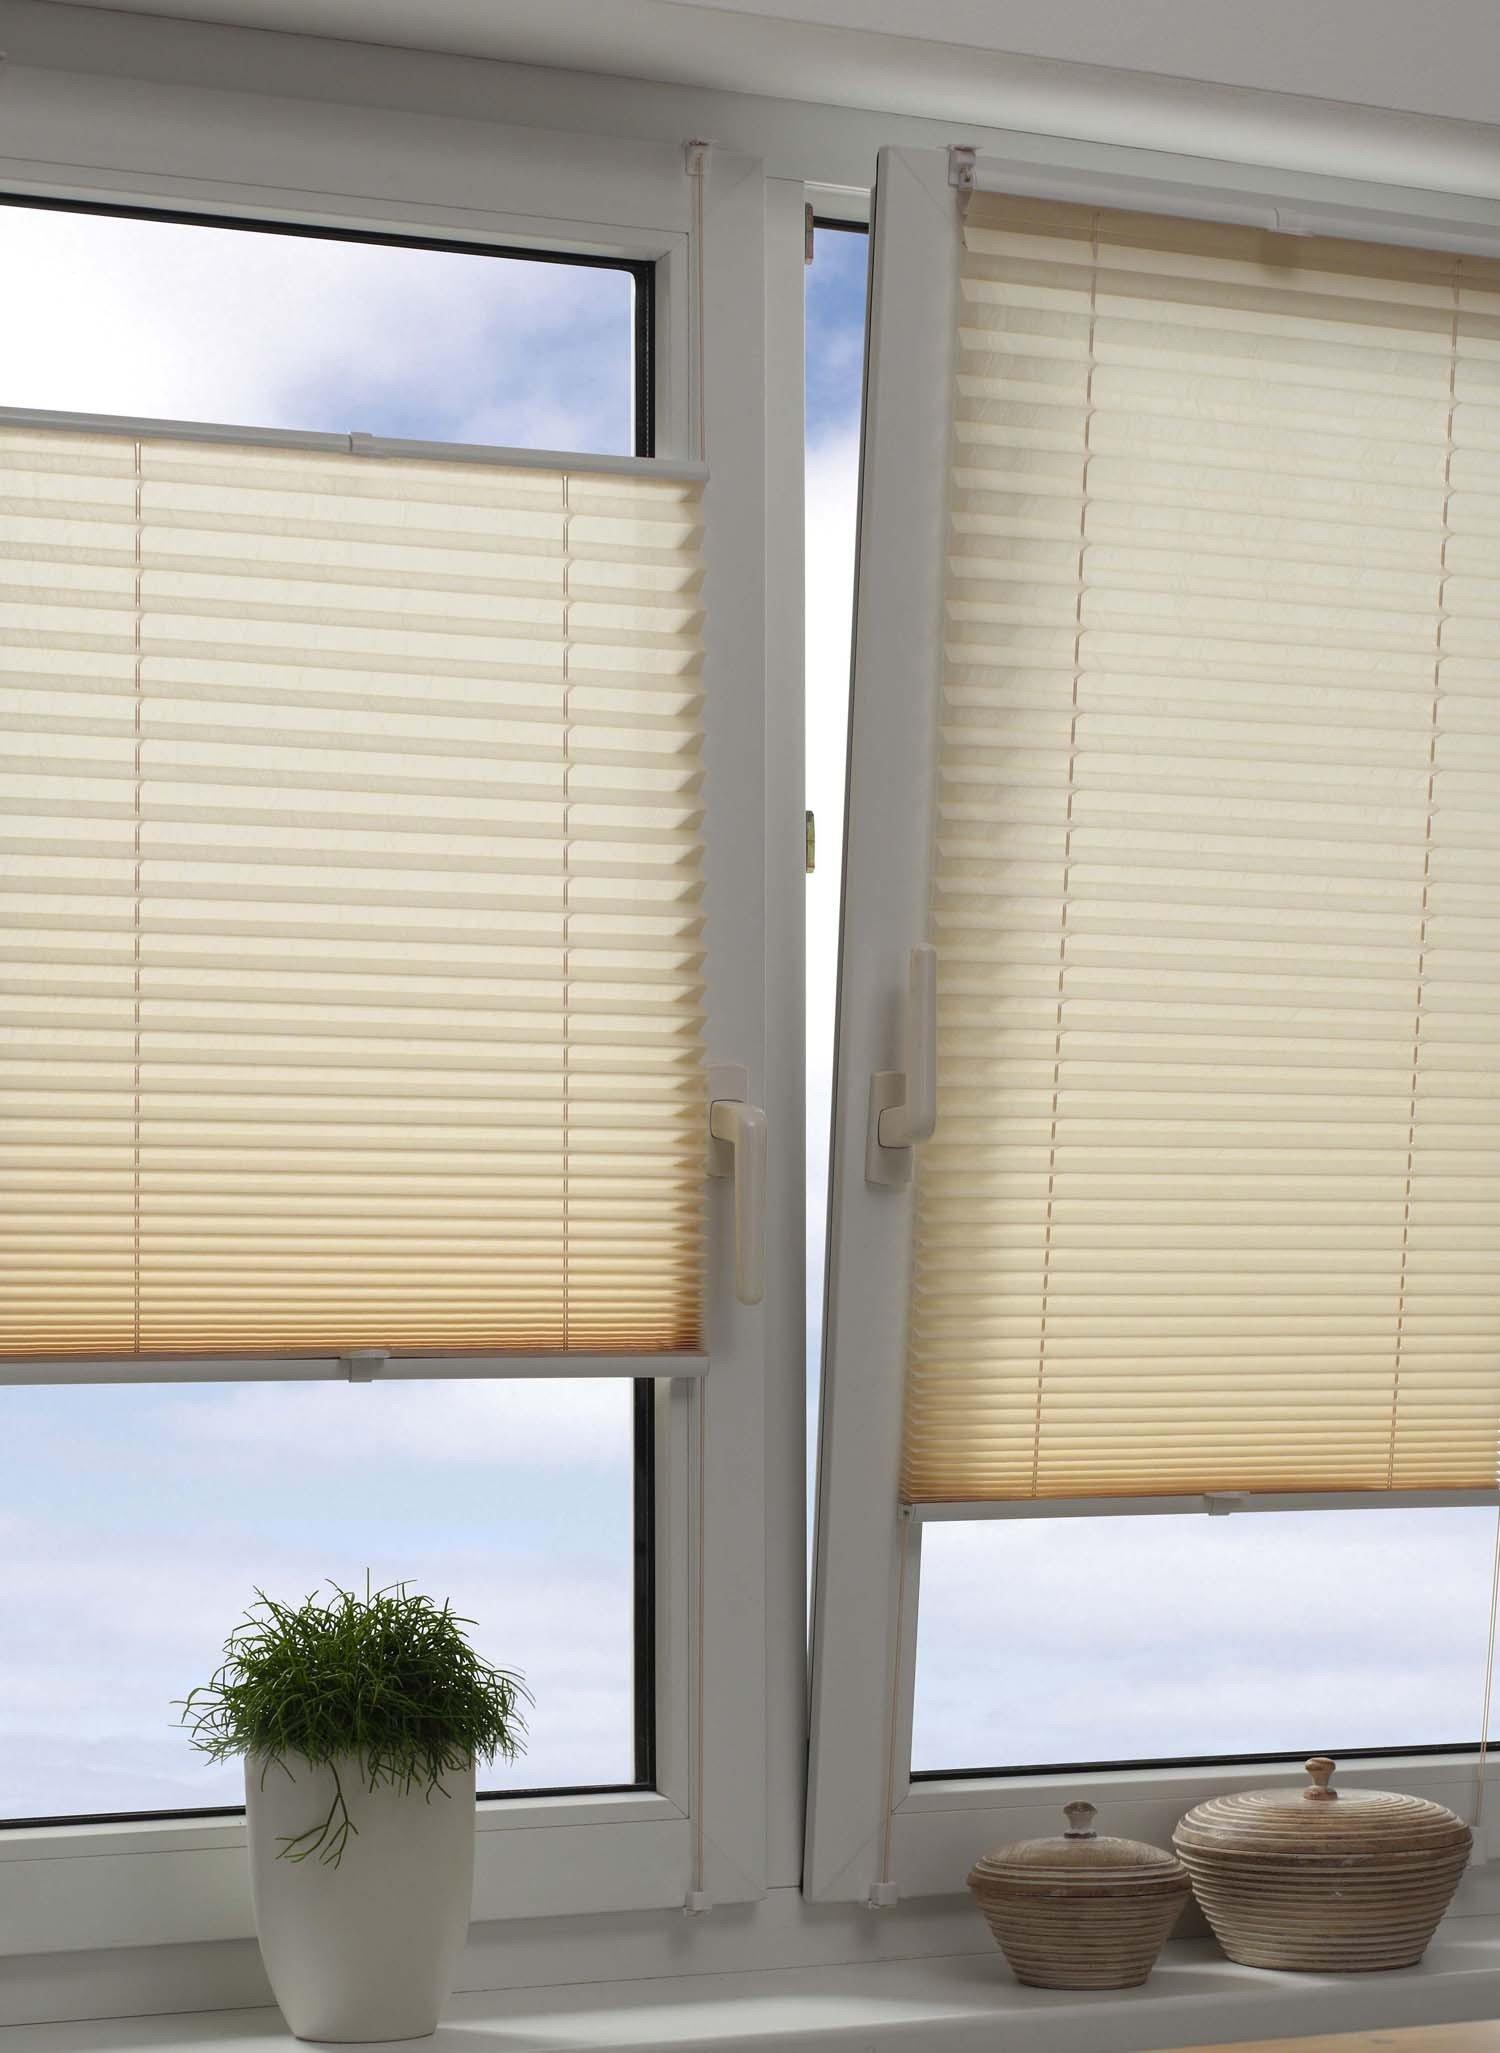 Easyfix Plisse bianco 40x130cm